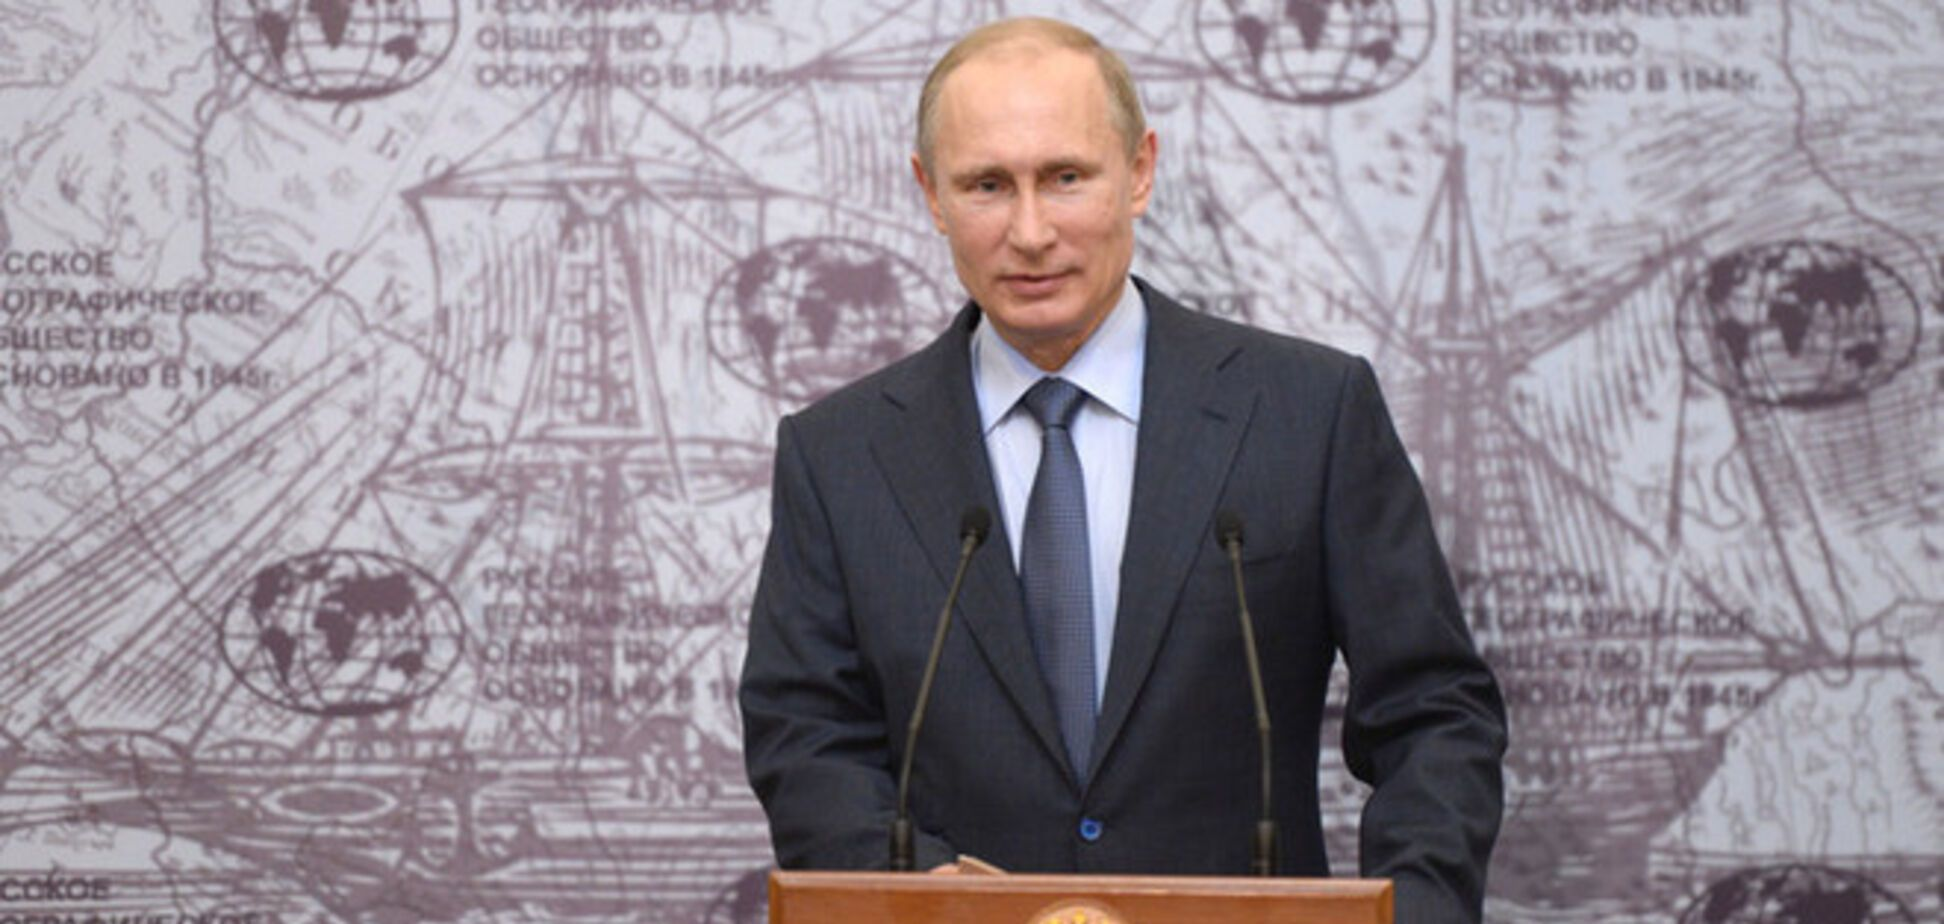 Тымчук: Гитлер – ребенок по сравнению с провокатором Путиным